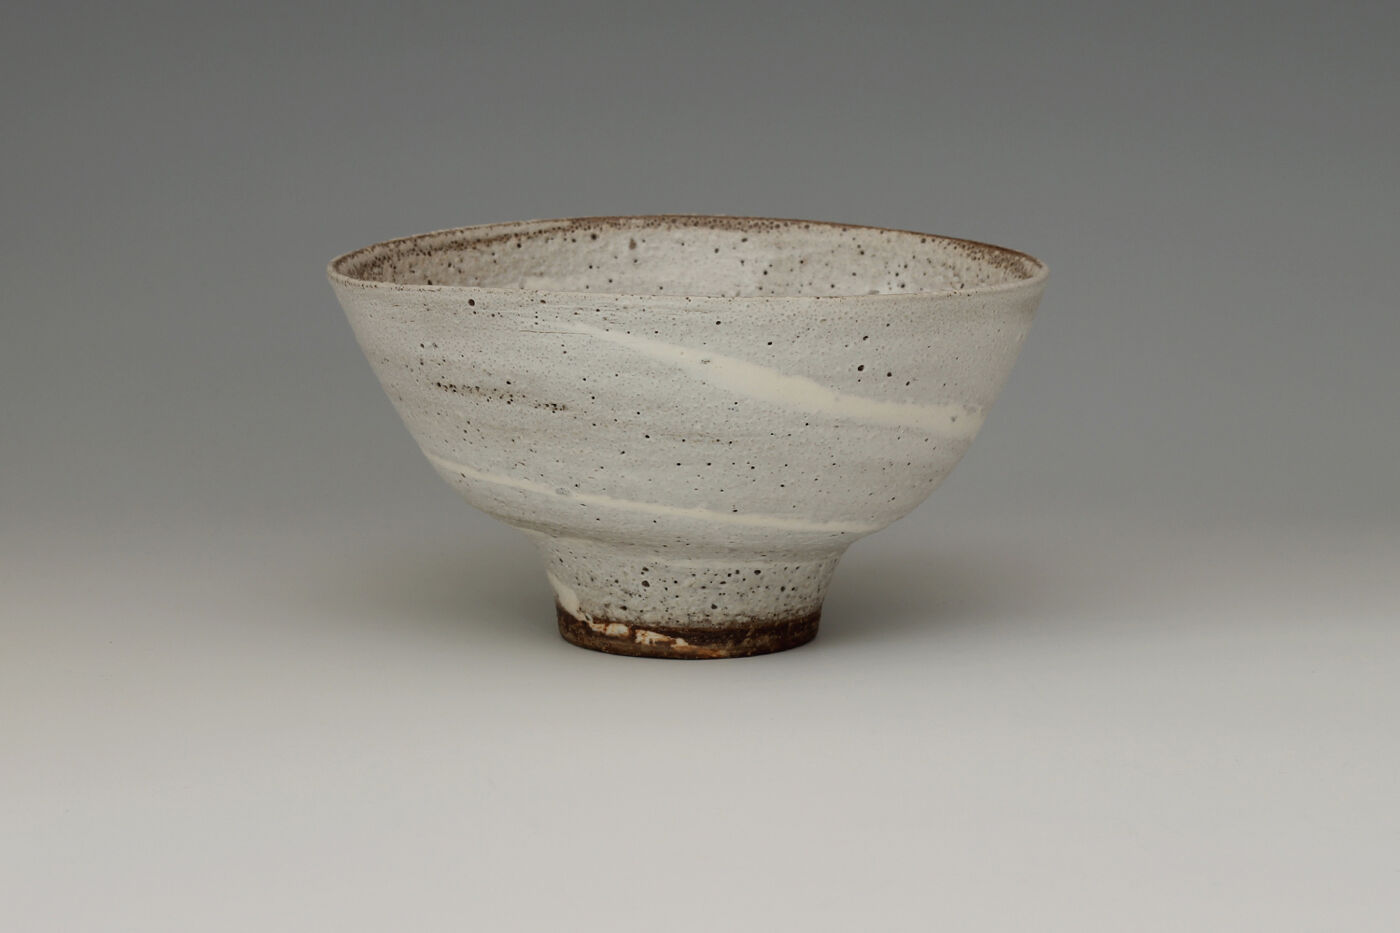 Peter Wills Ceramic Agate-ware Bowl 176